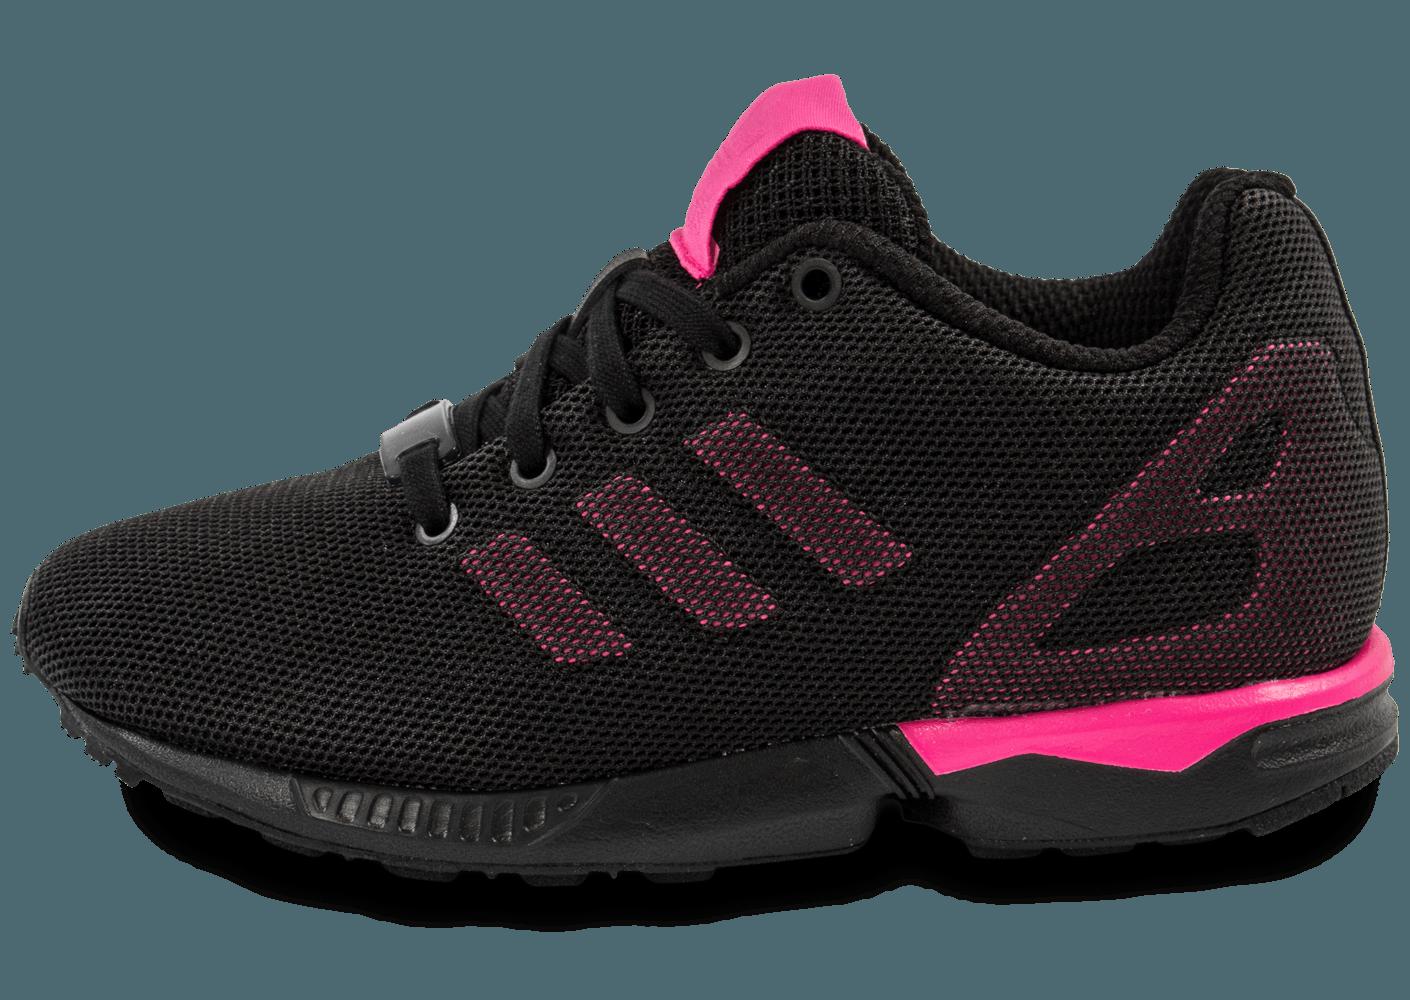 adidas zx femme rose